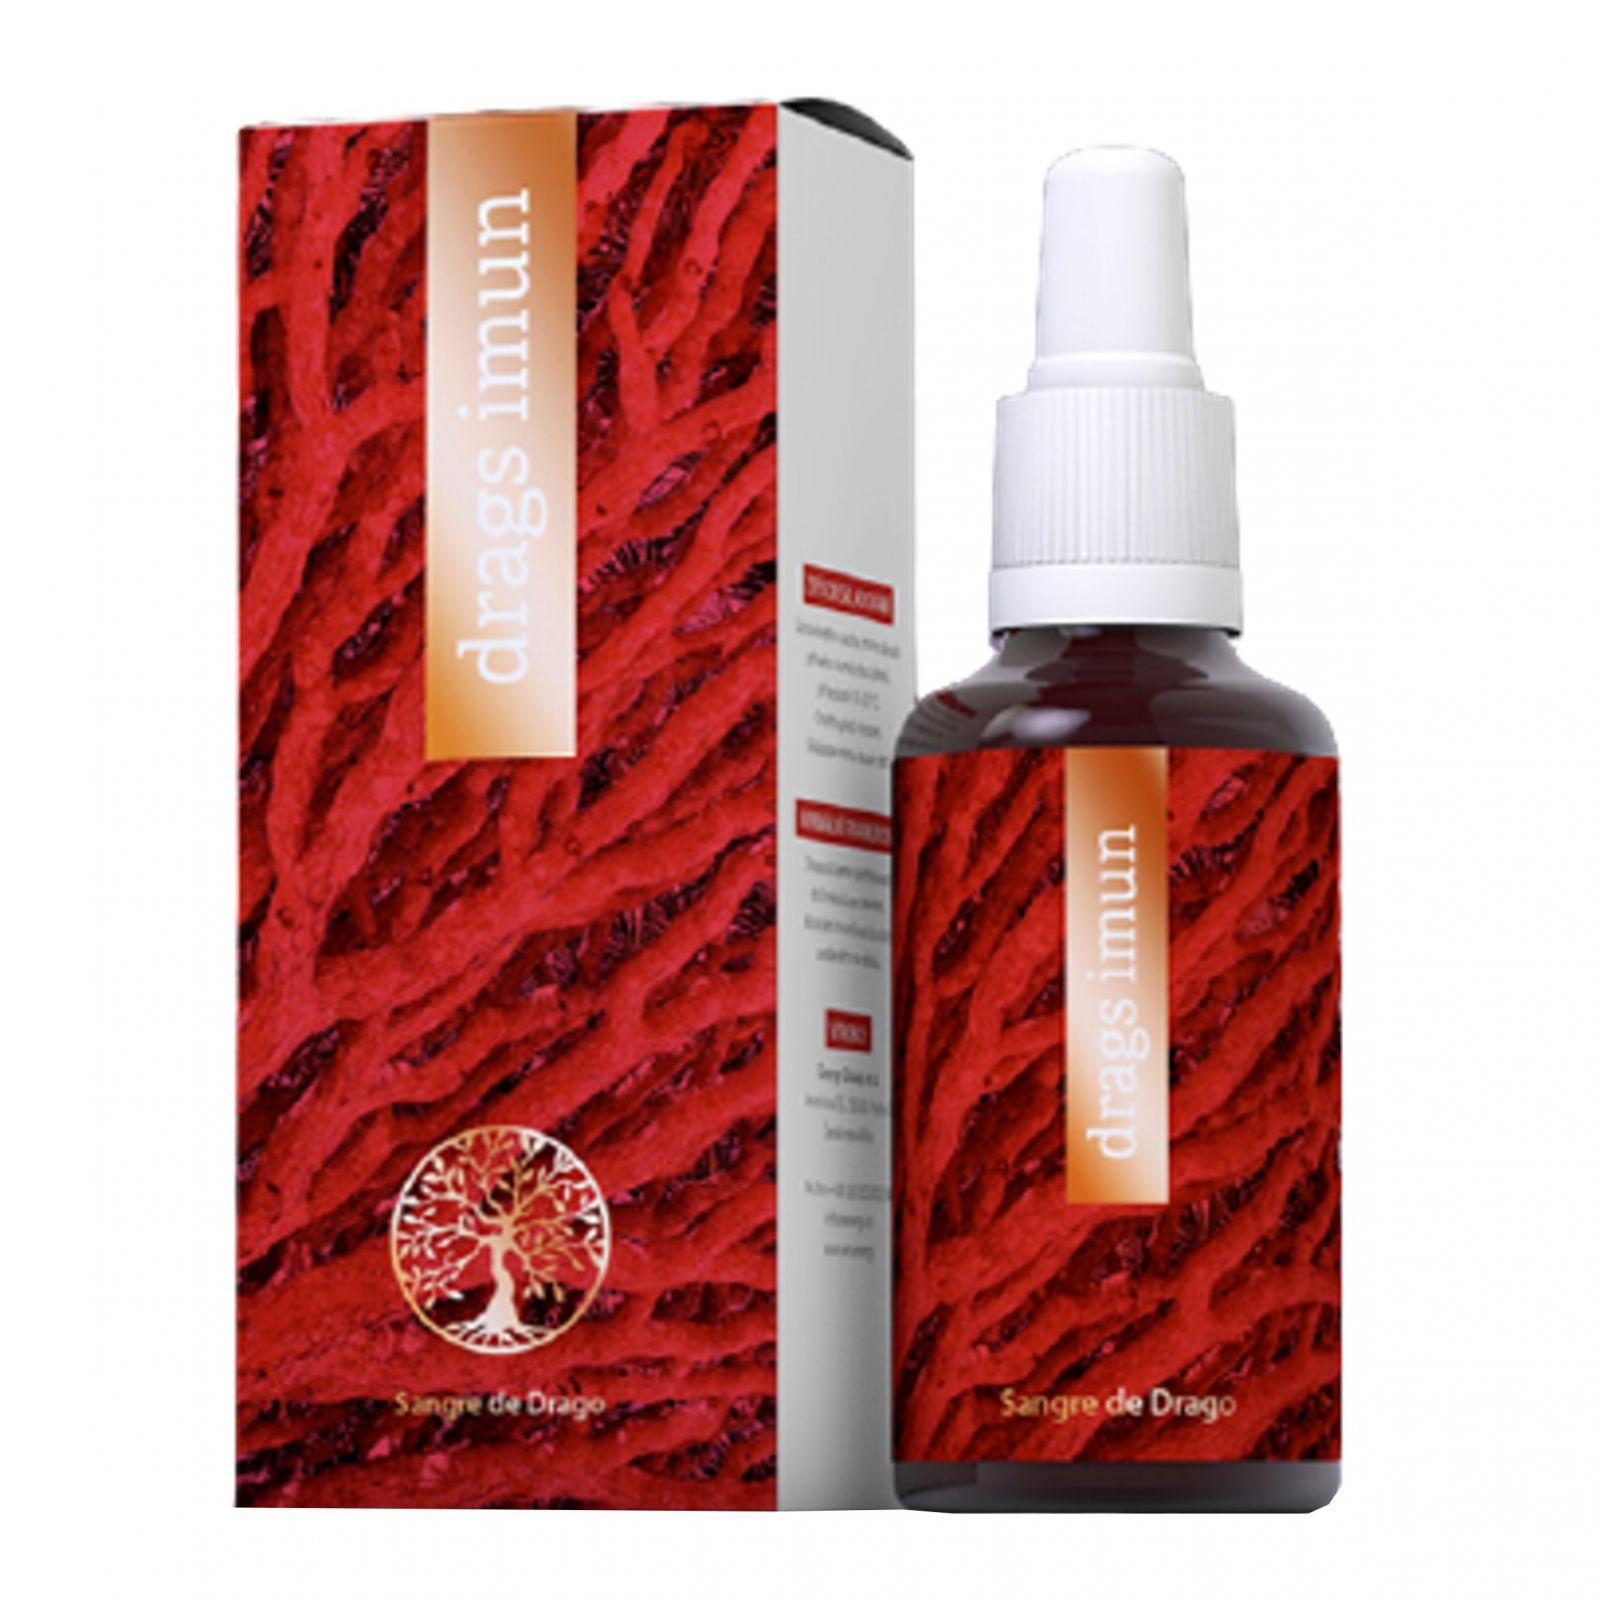 Energy Drags Imun originál 30 ml